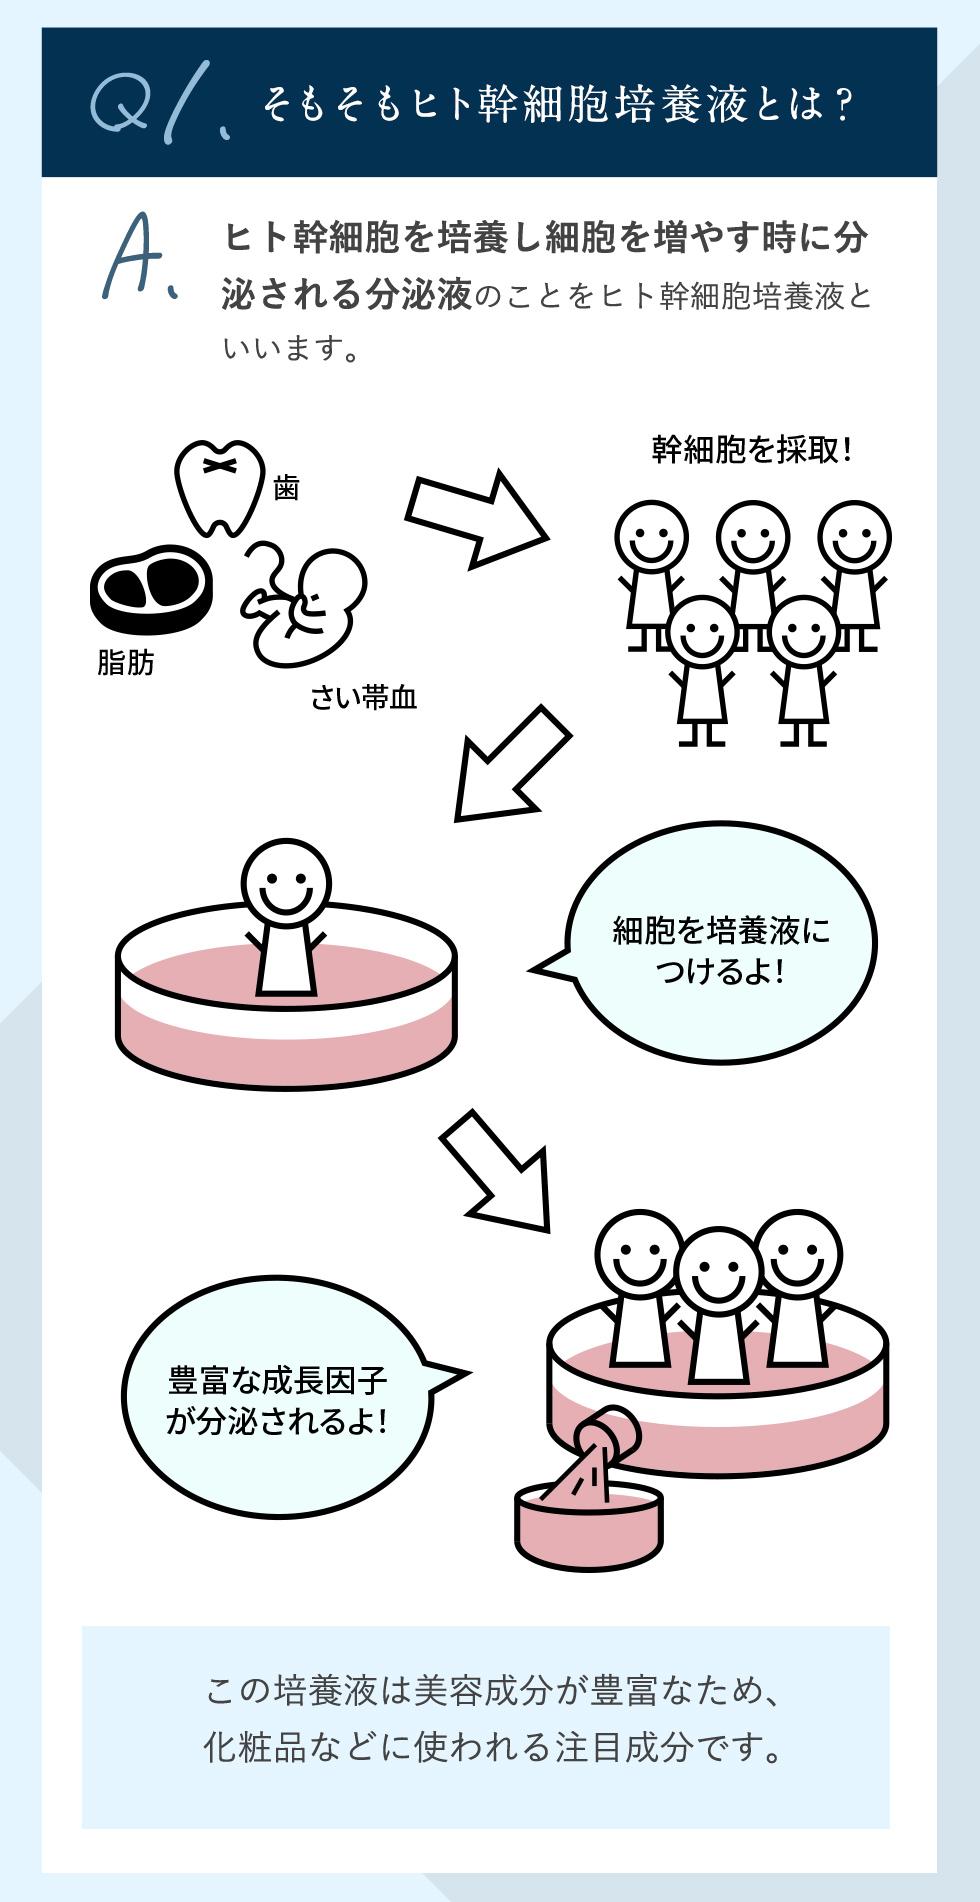 Q1.そもそもヒト幹細胞培養液とは?ヒト幹細胞を培養し細胞を増やす時に分泌される分泌液のことをヒト幹細胞培養液といいます。